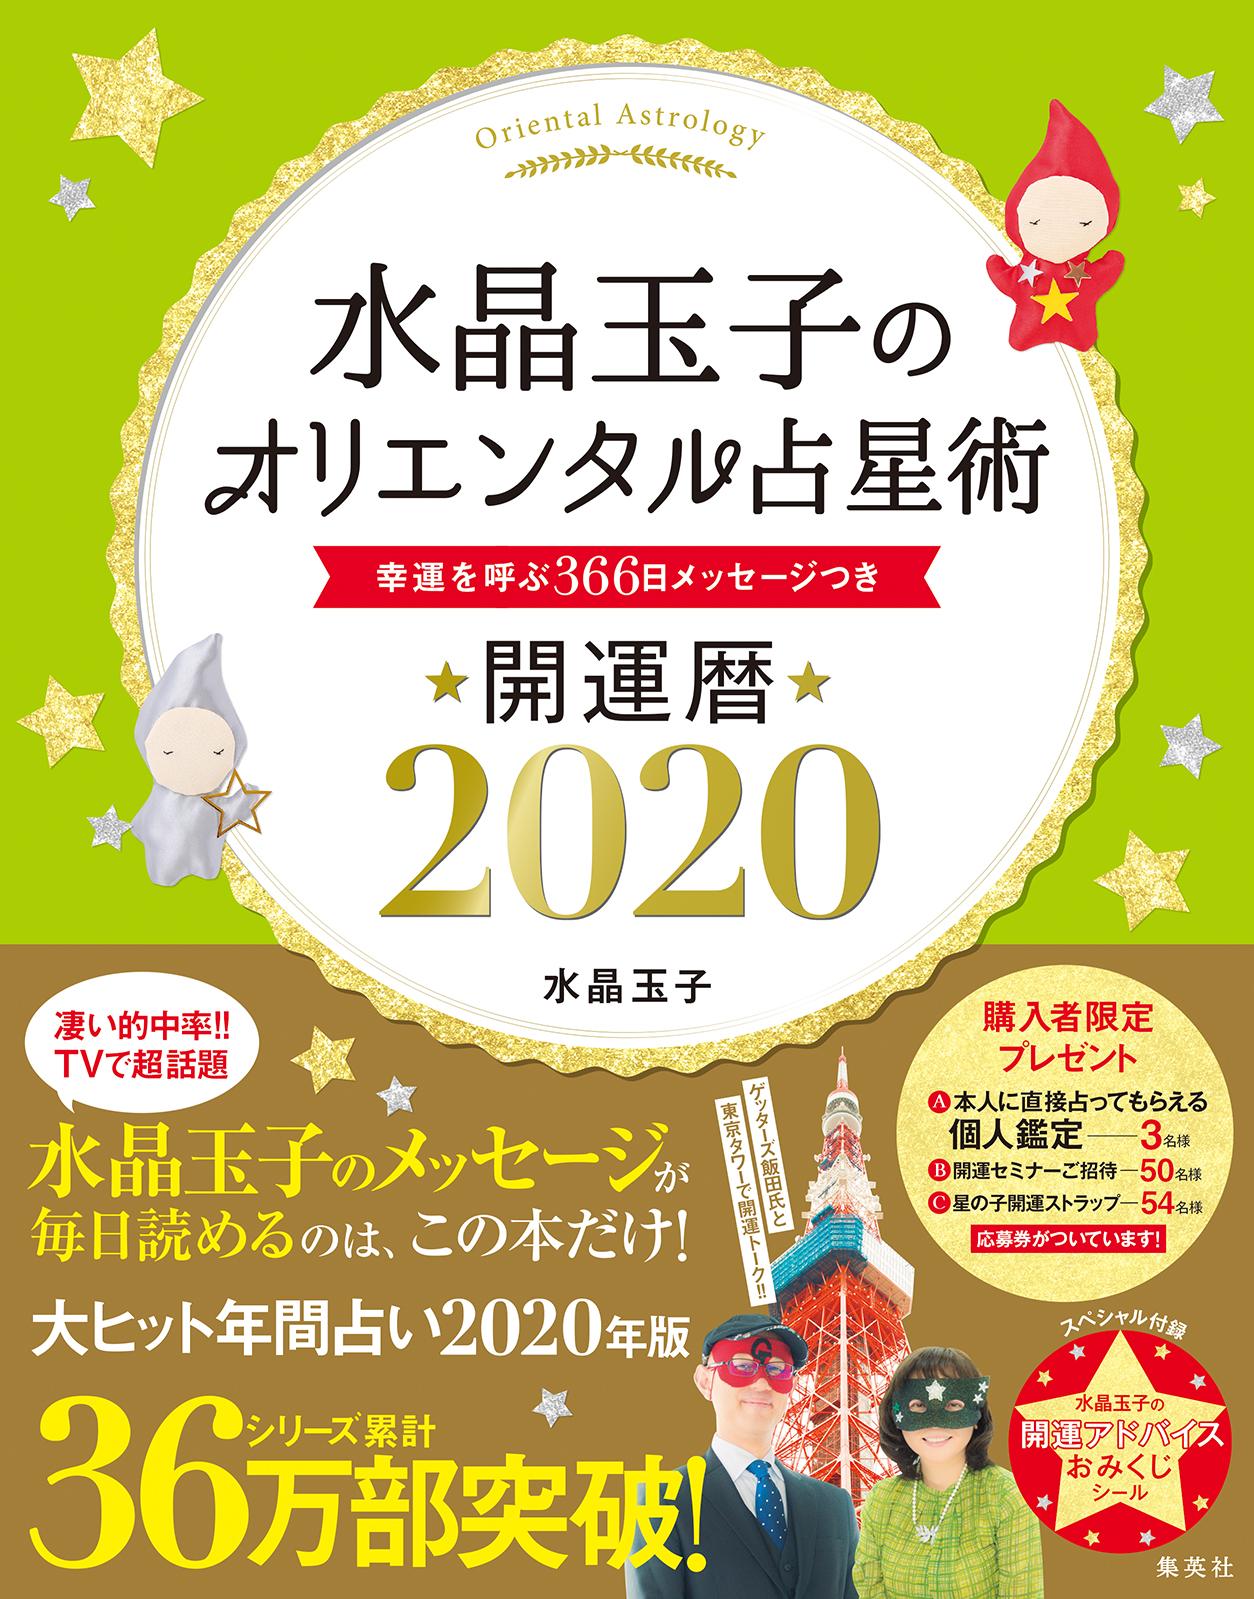 大好評発売中!! 『水晶玉子のオリエンタル占星術 幸運を呼ぶ366日メッセージつき 開運暦2020』